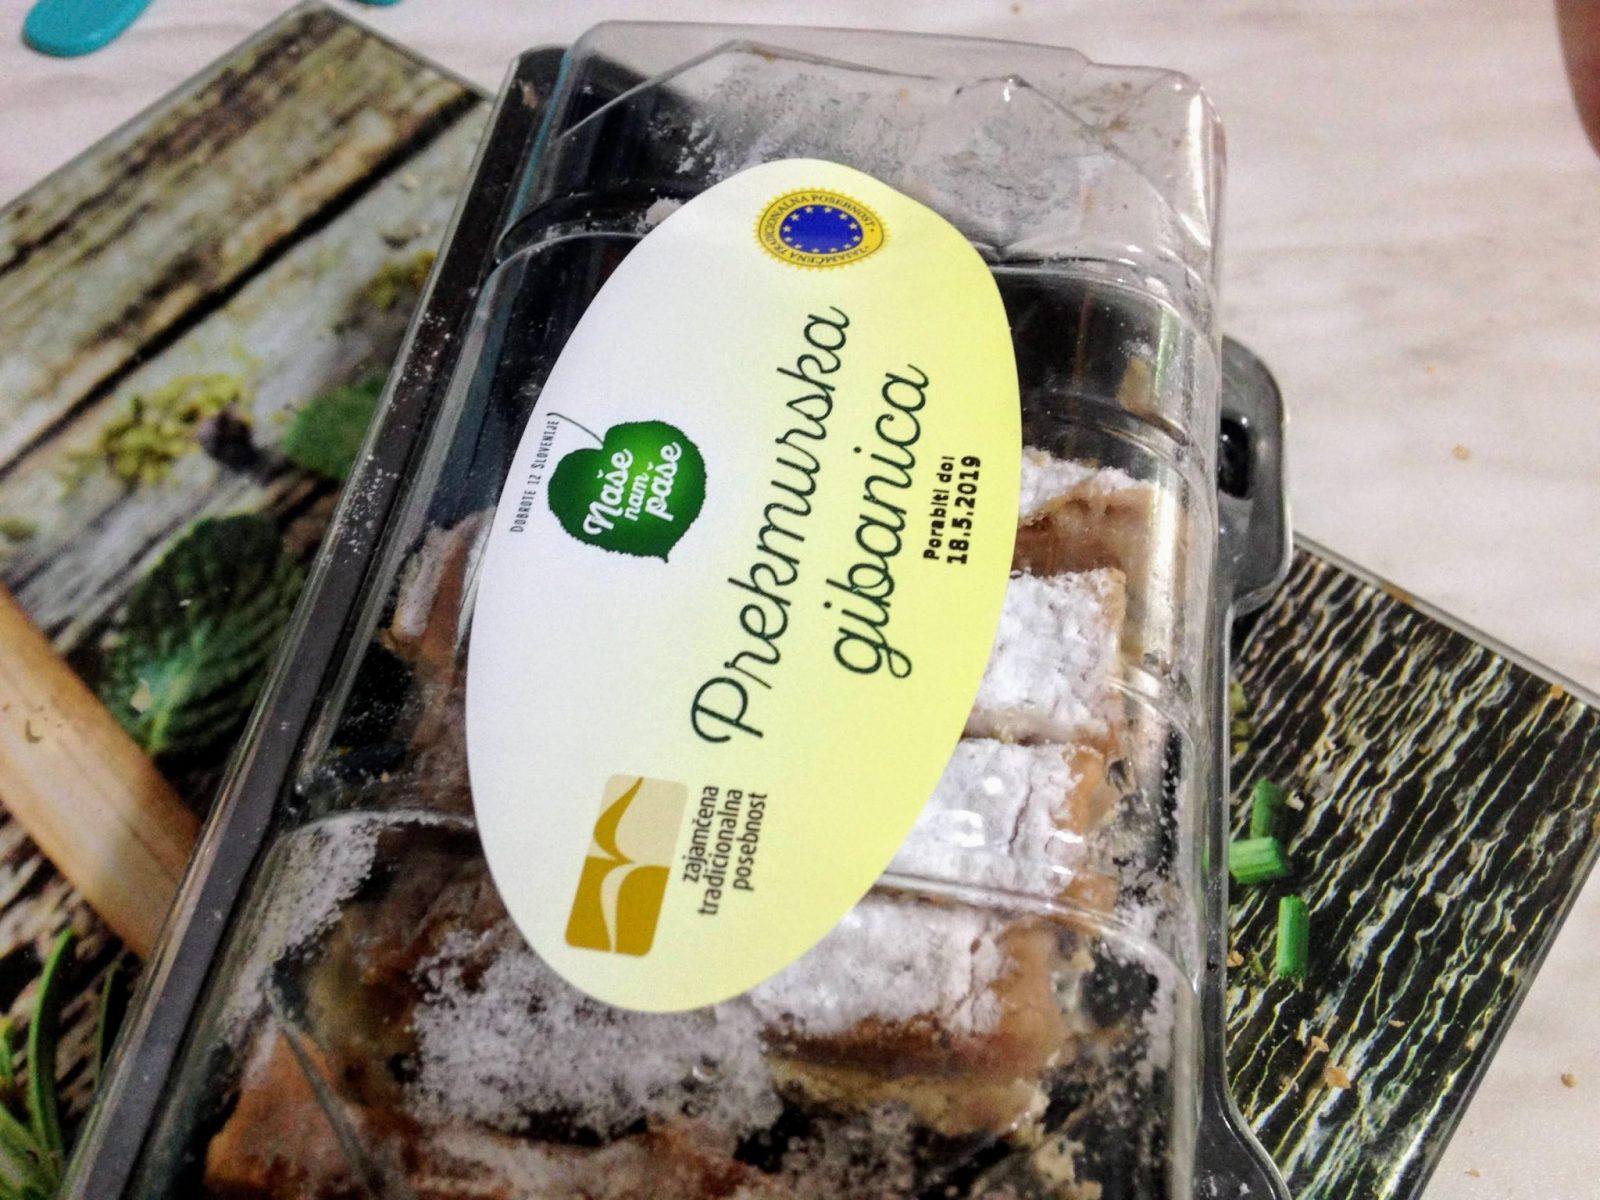 Prekmurska gibanica pastry in Slovenia